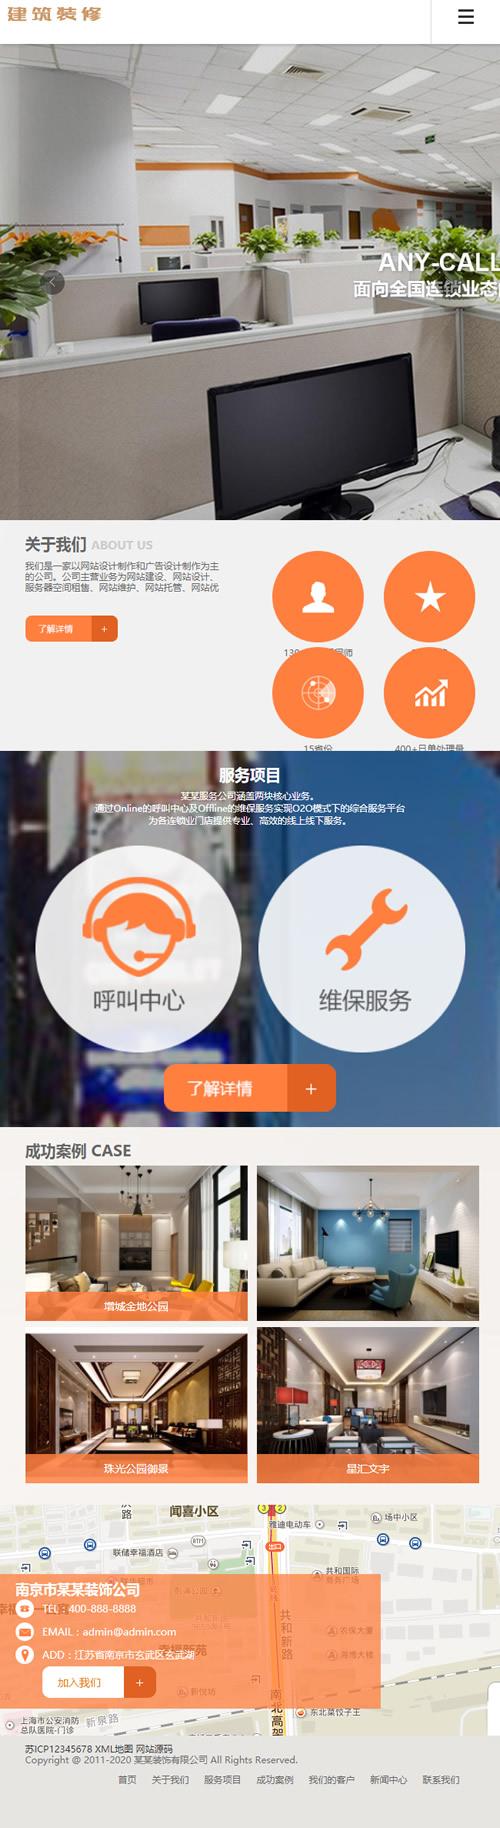 (自适应手机版)响应式建筑装修服务公司网站源码 HTML5建筑行业企业网站织梦模板 第3张